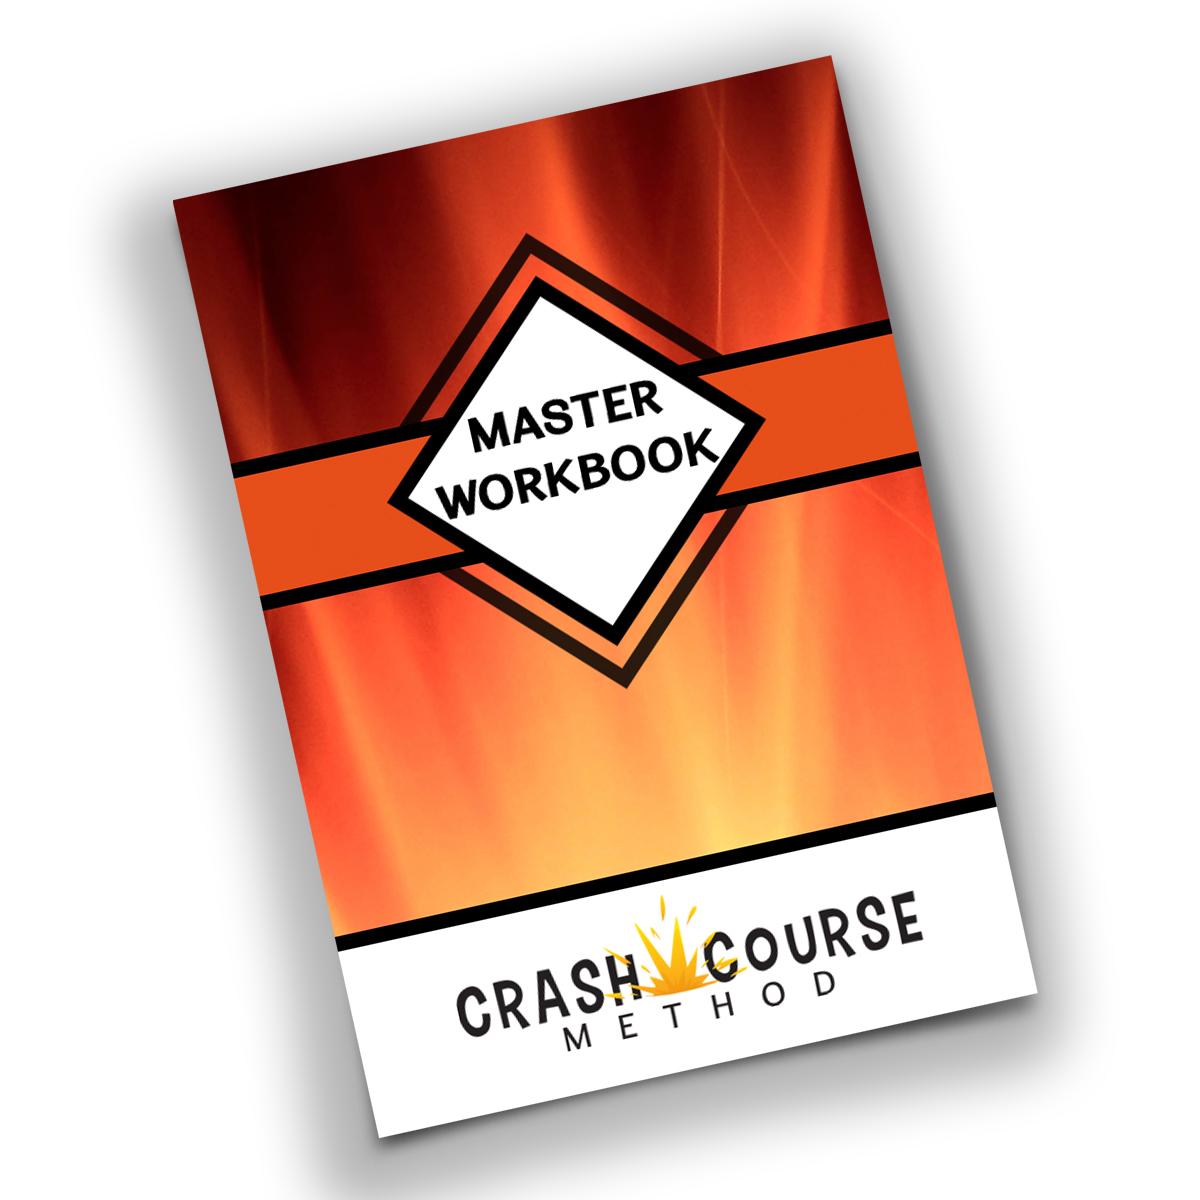 crash-course-master-workbook.jpg